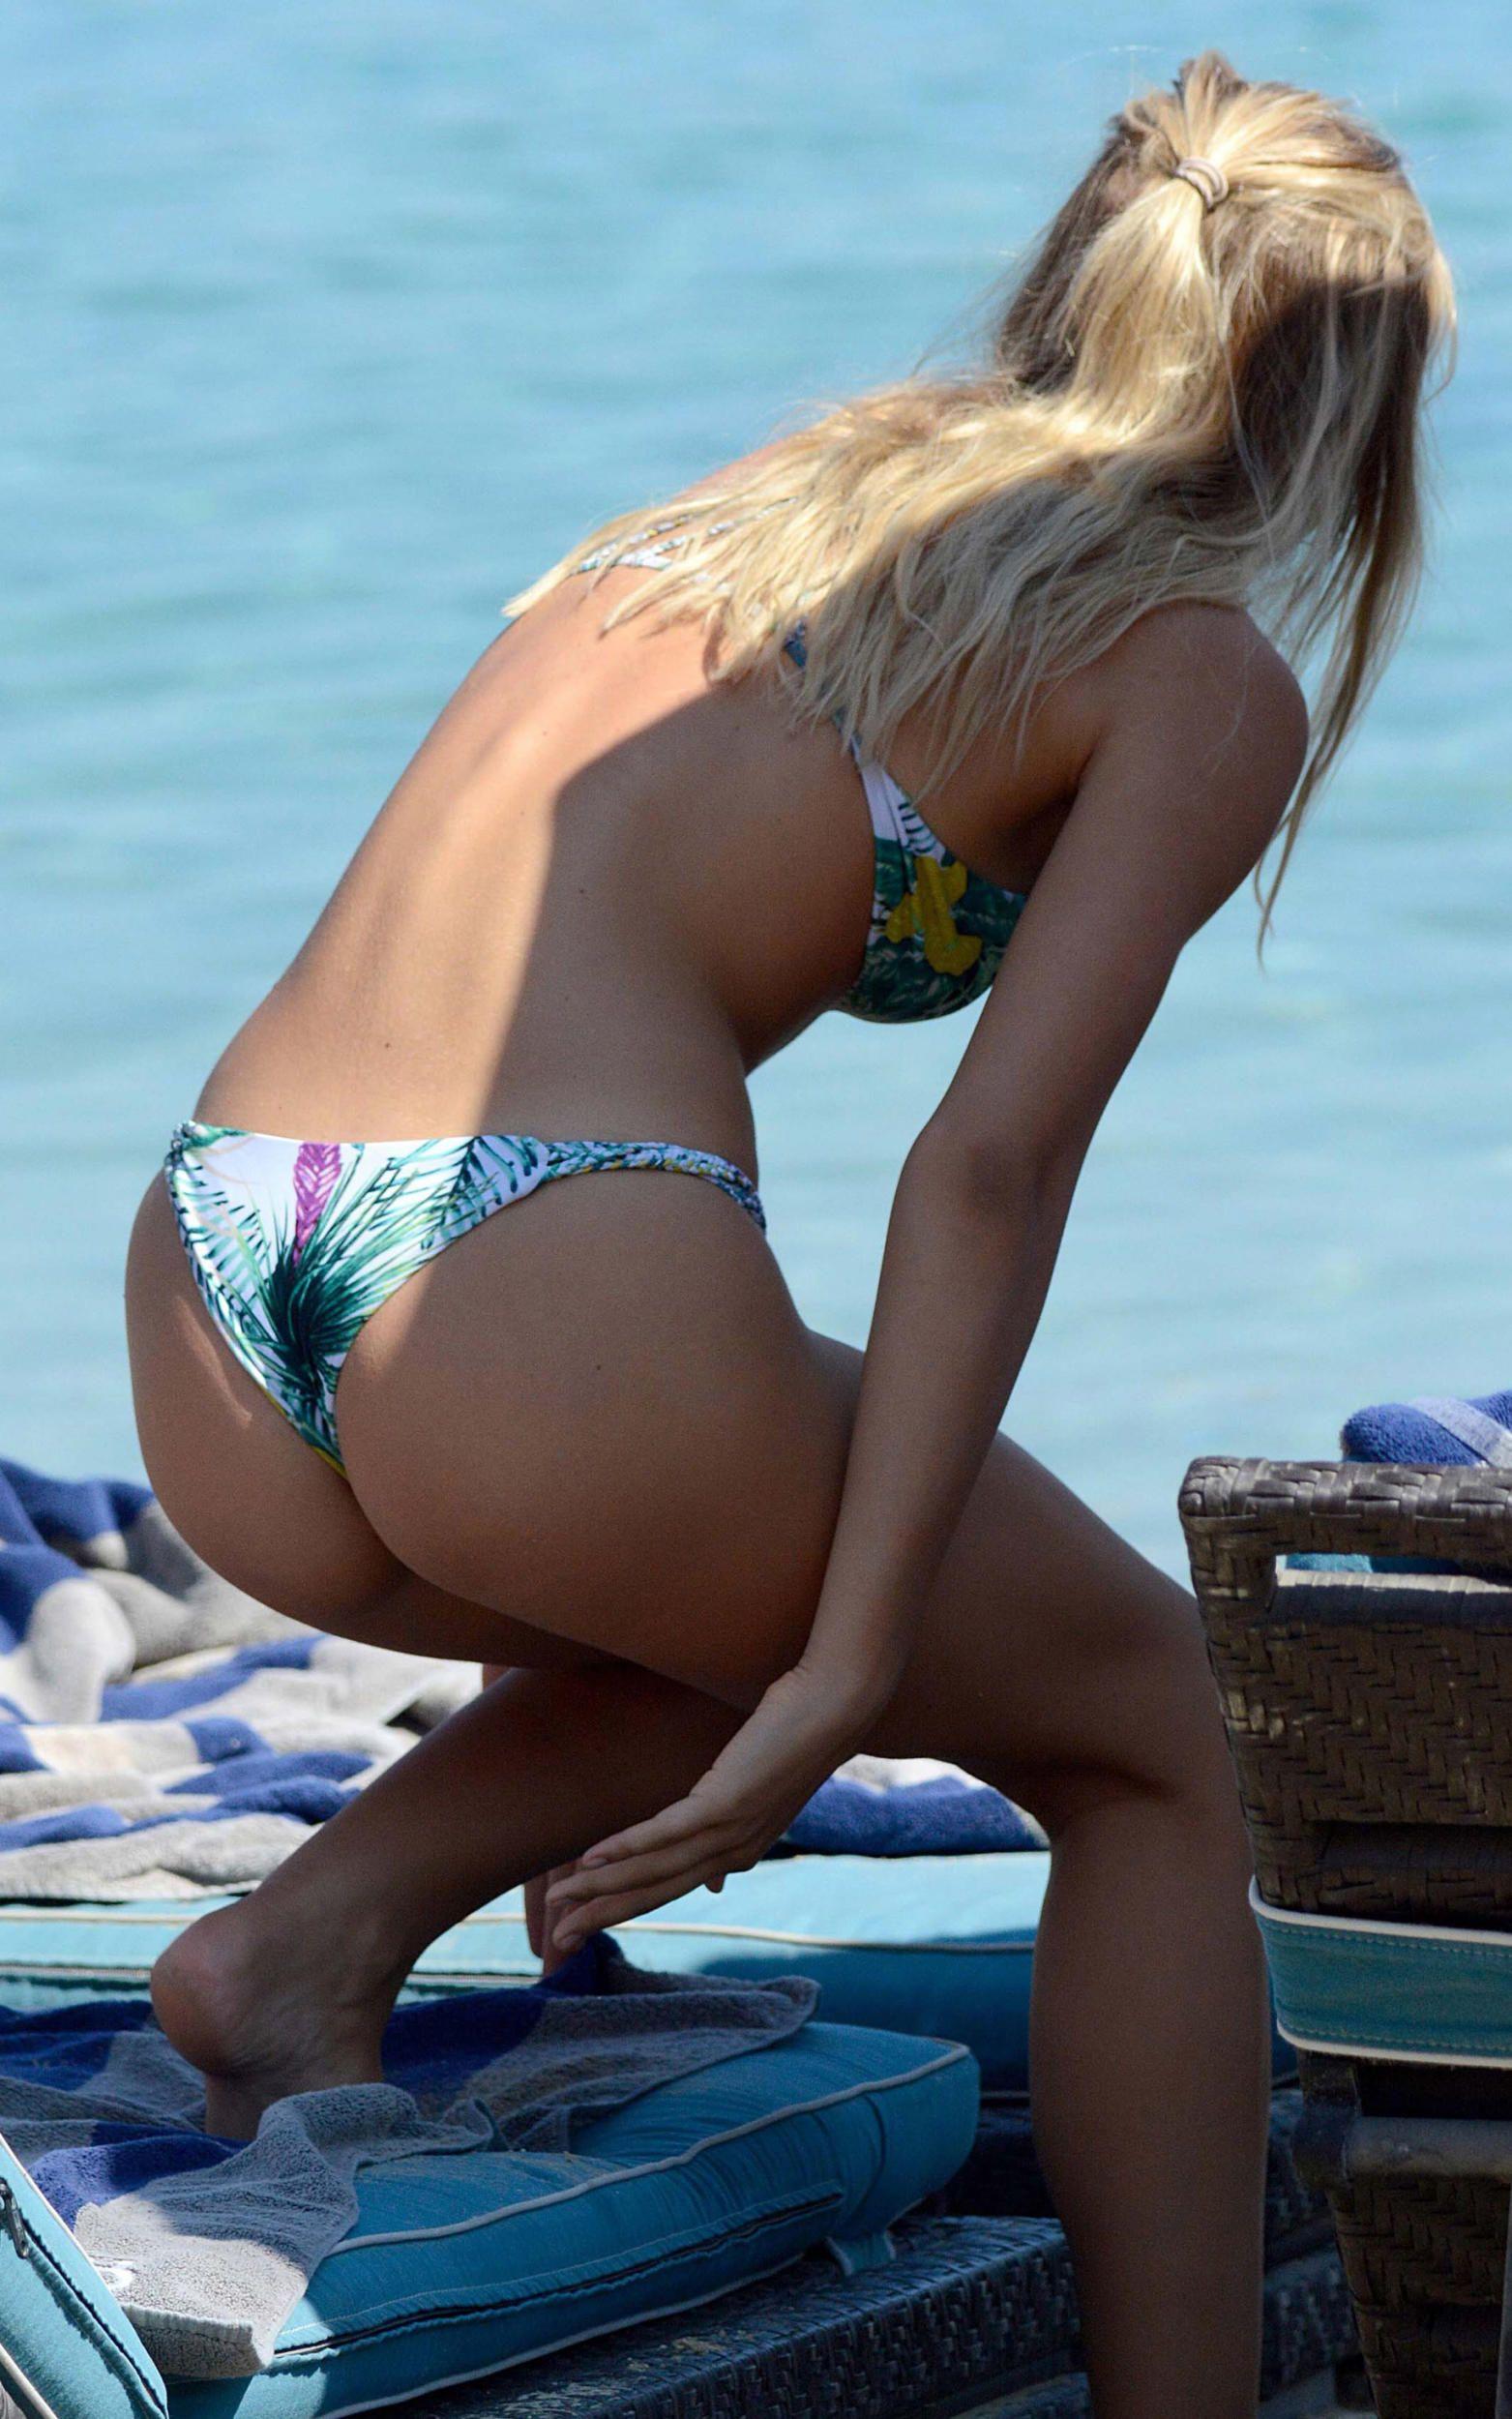 Alexis Ren in a Bikini (10 Photos)